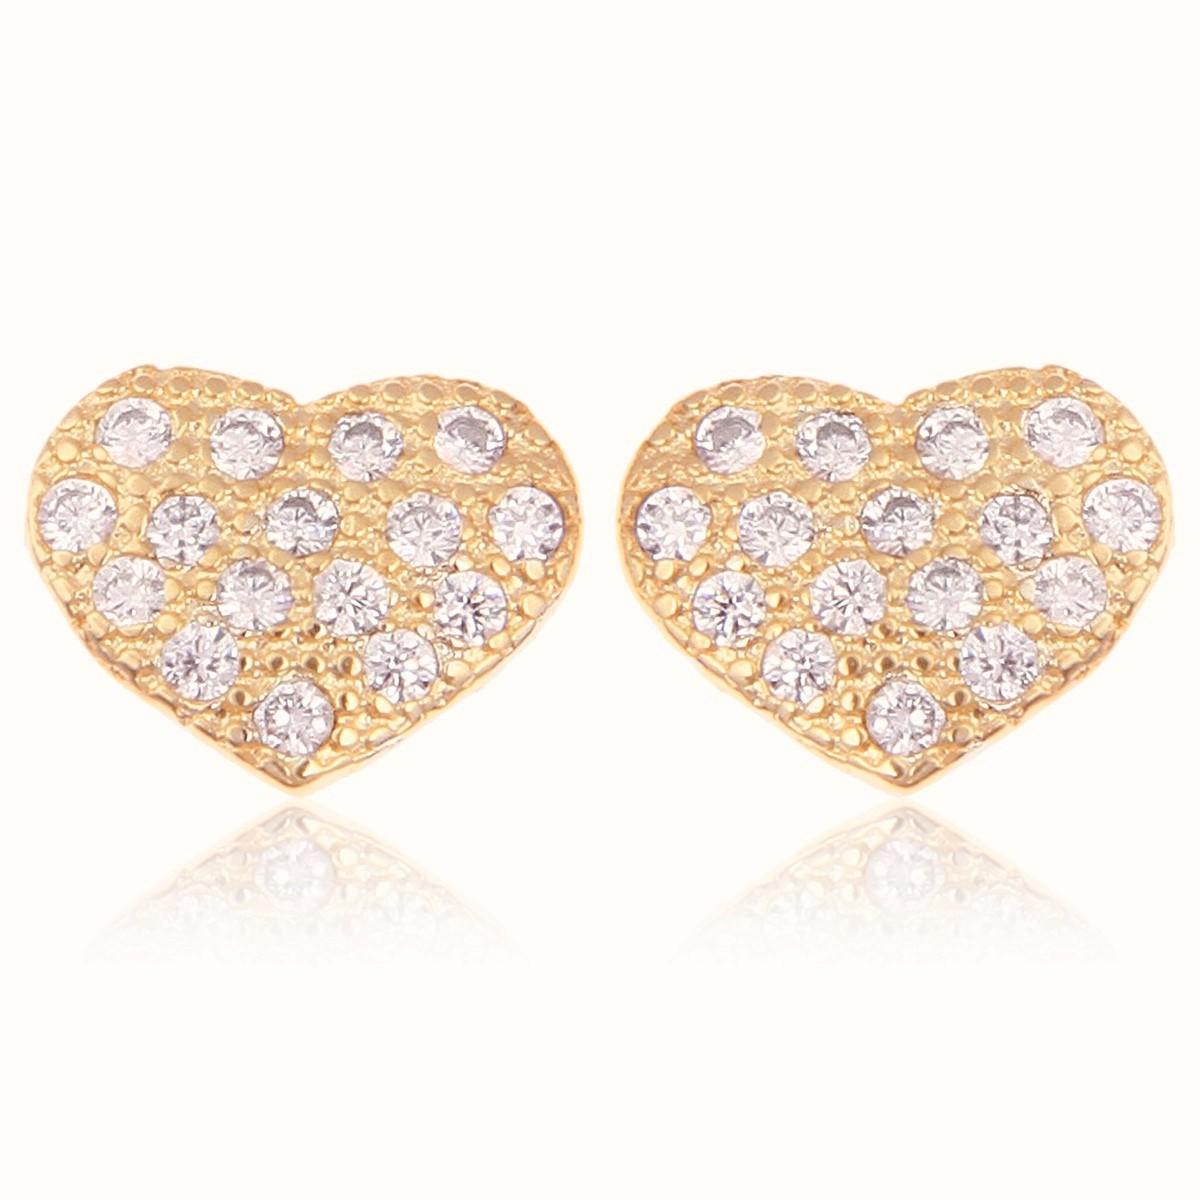 Brinco Coração Cravejado Zircônia Cristal Semijoia em Ouro 18K  - Soloyou